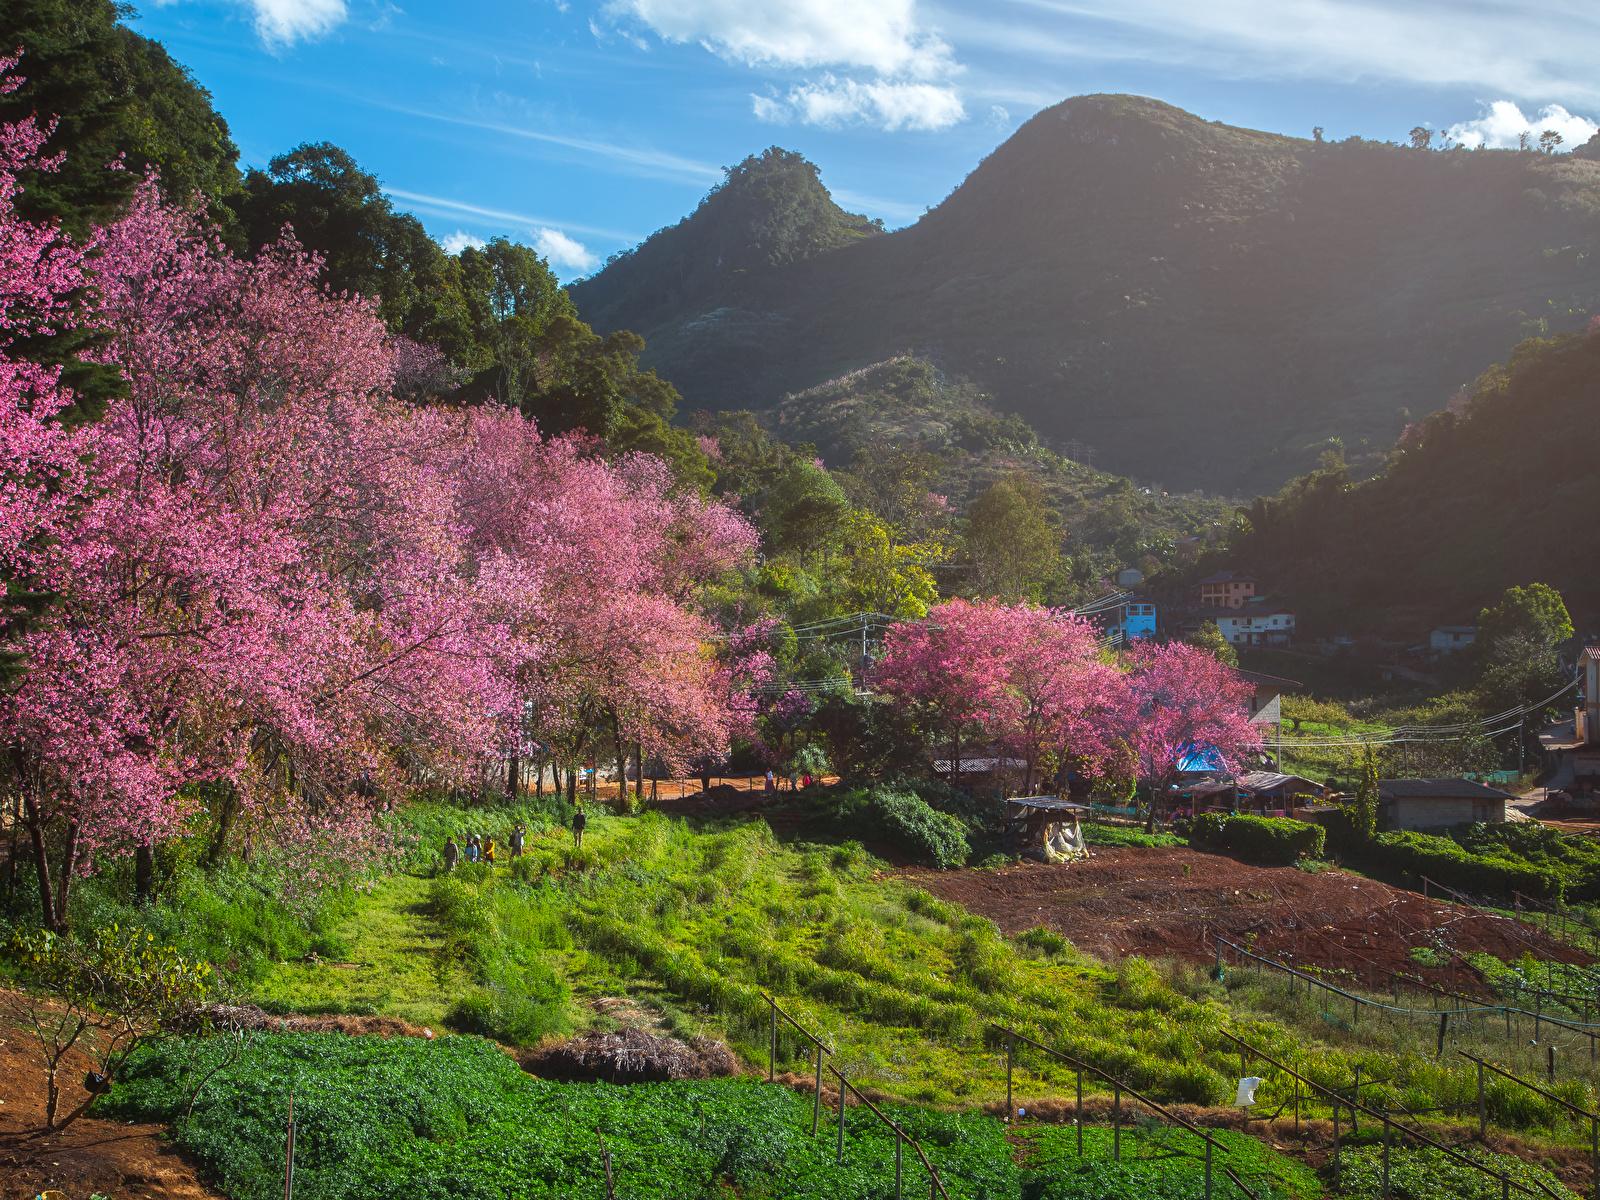 Картинка Таиланд Fang City Горы Природа весенние Поля Цветущие деревья 1600x1200 гора Весна